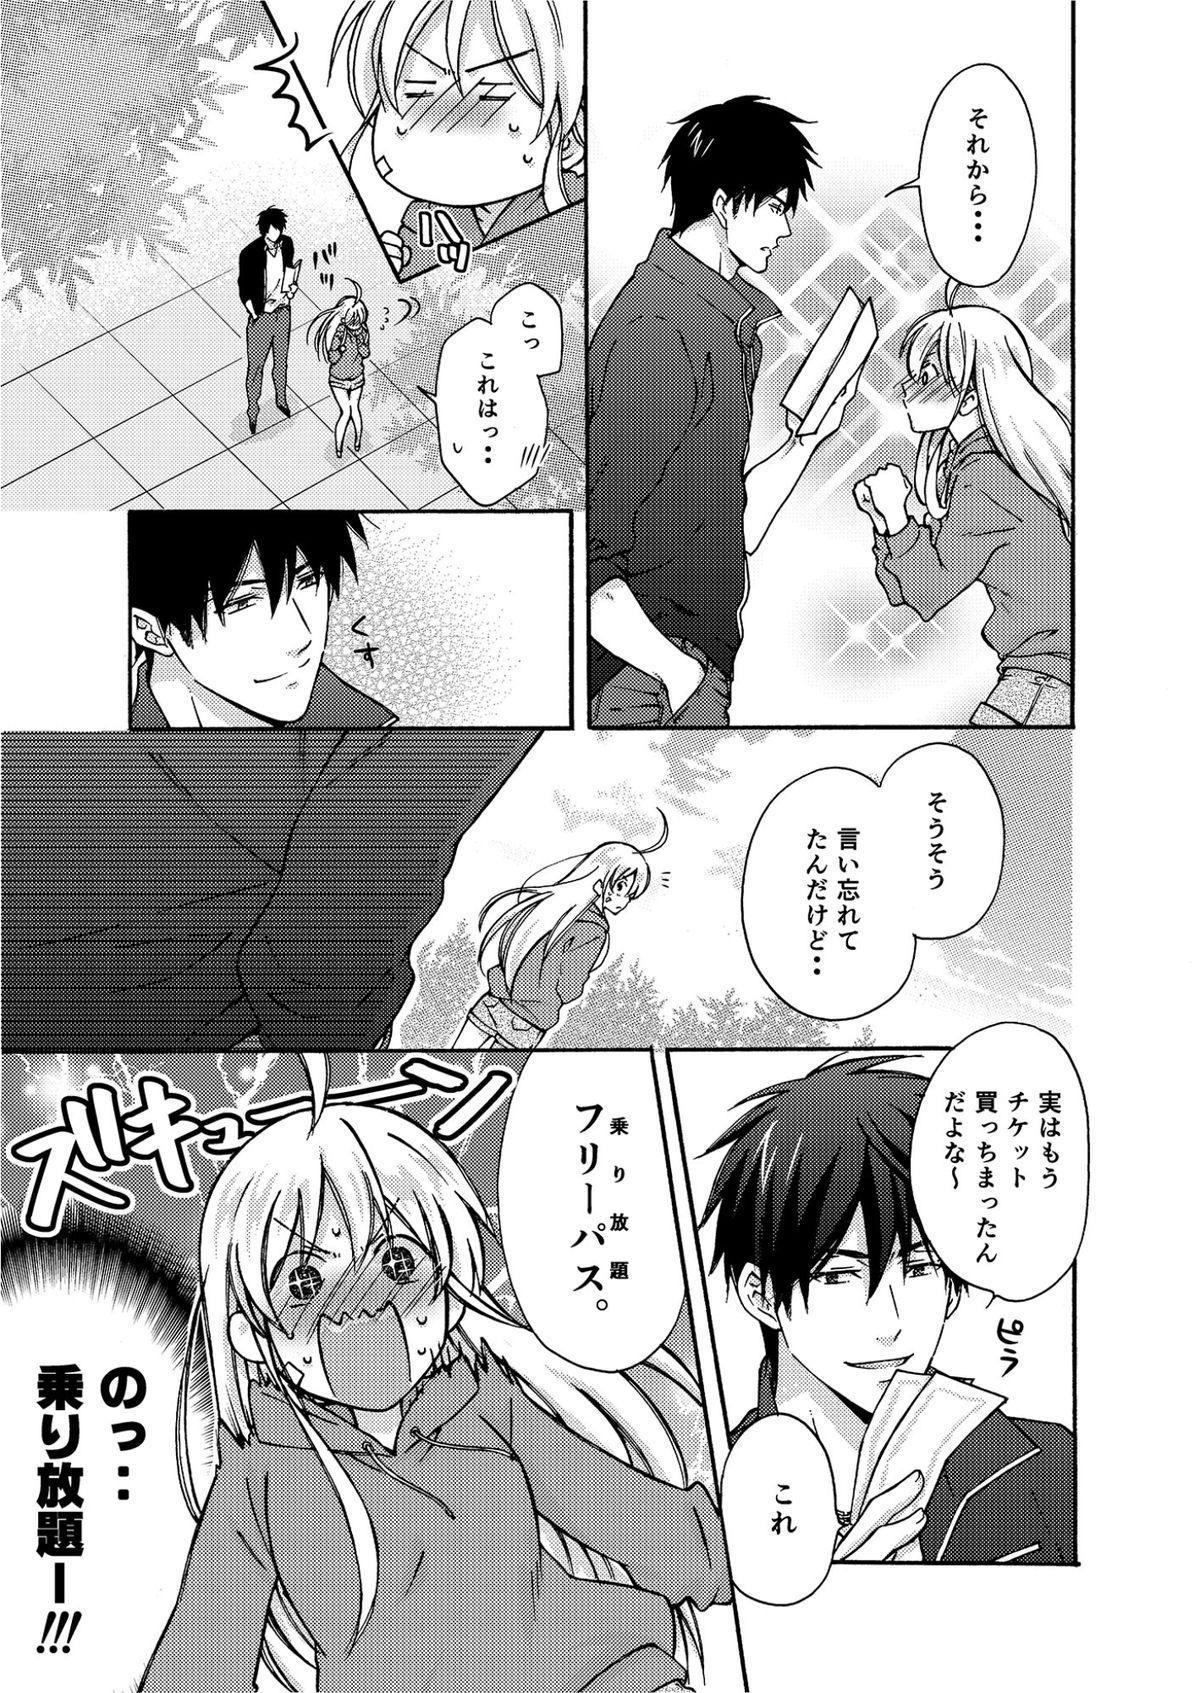 Nyotaika Yankee Gakuen ☆ Ore no Hajimete, Nerawaretemasu. 4 15